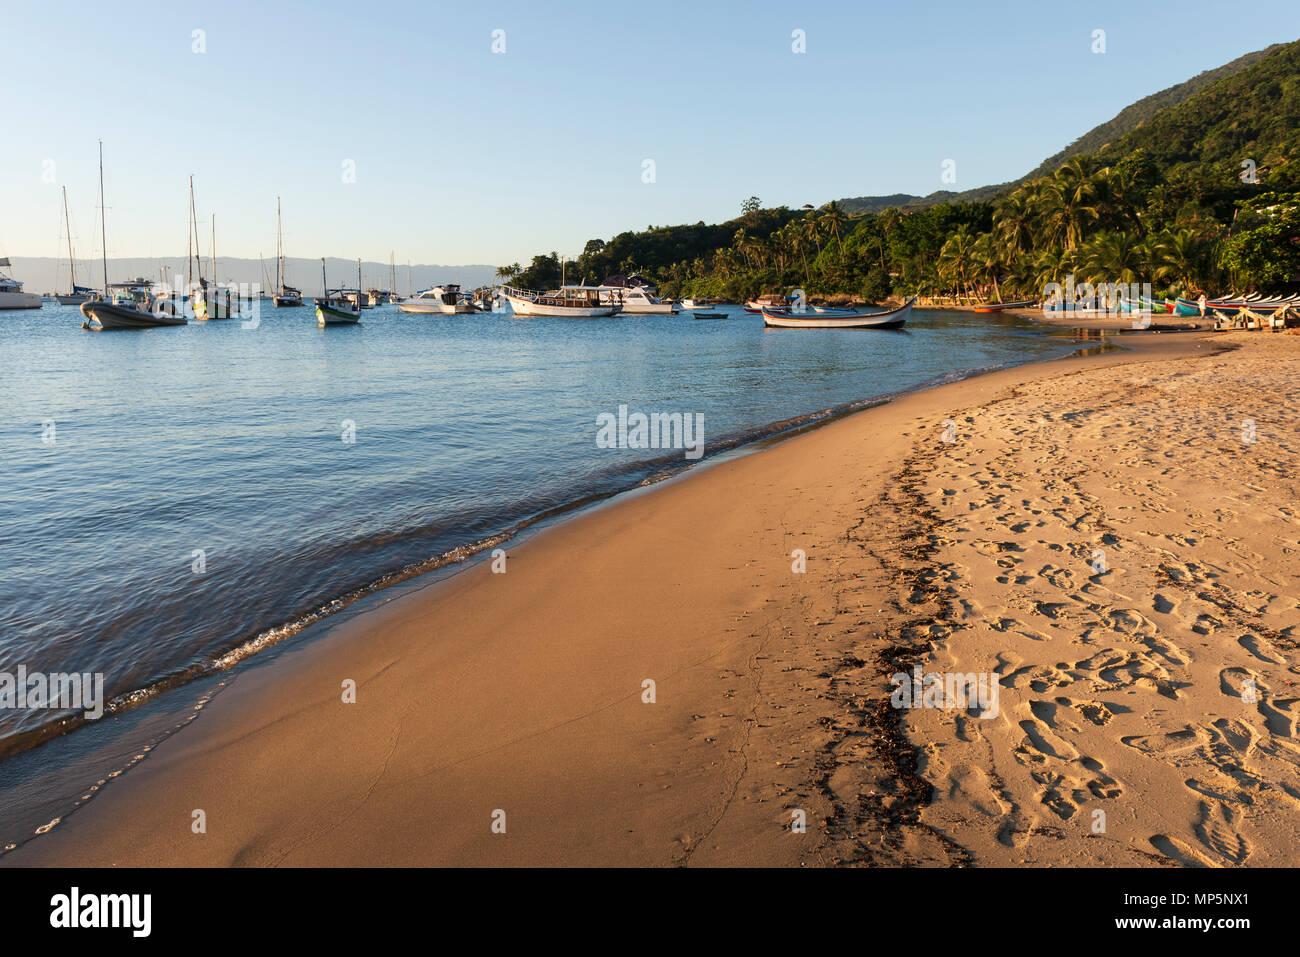 Santa tereza Beach, in Ilhabela, SE Brazil - Stock Image